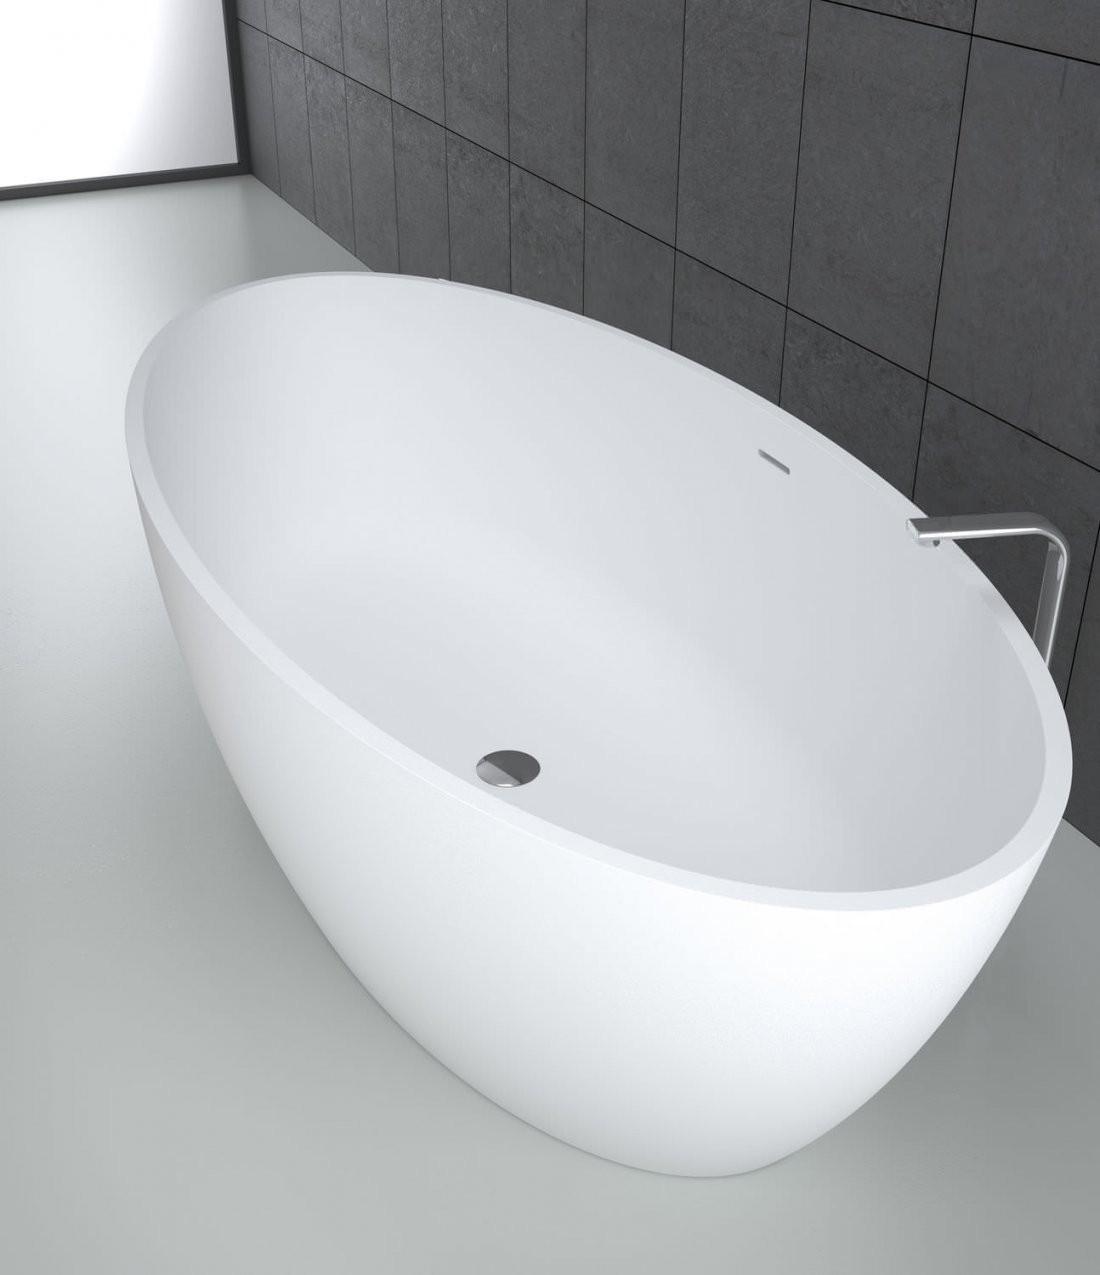 Freistehende Badewanne  Oval  Mineralwerkstoff  Wassermassage von Ovale Freistehende Badewanne Photo